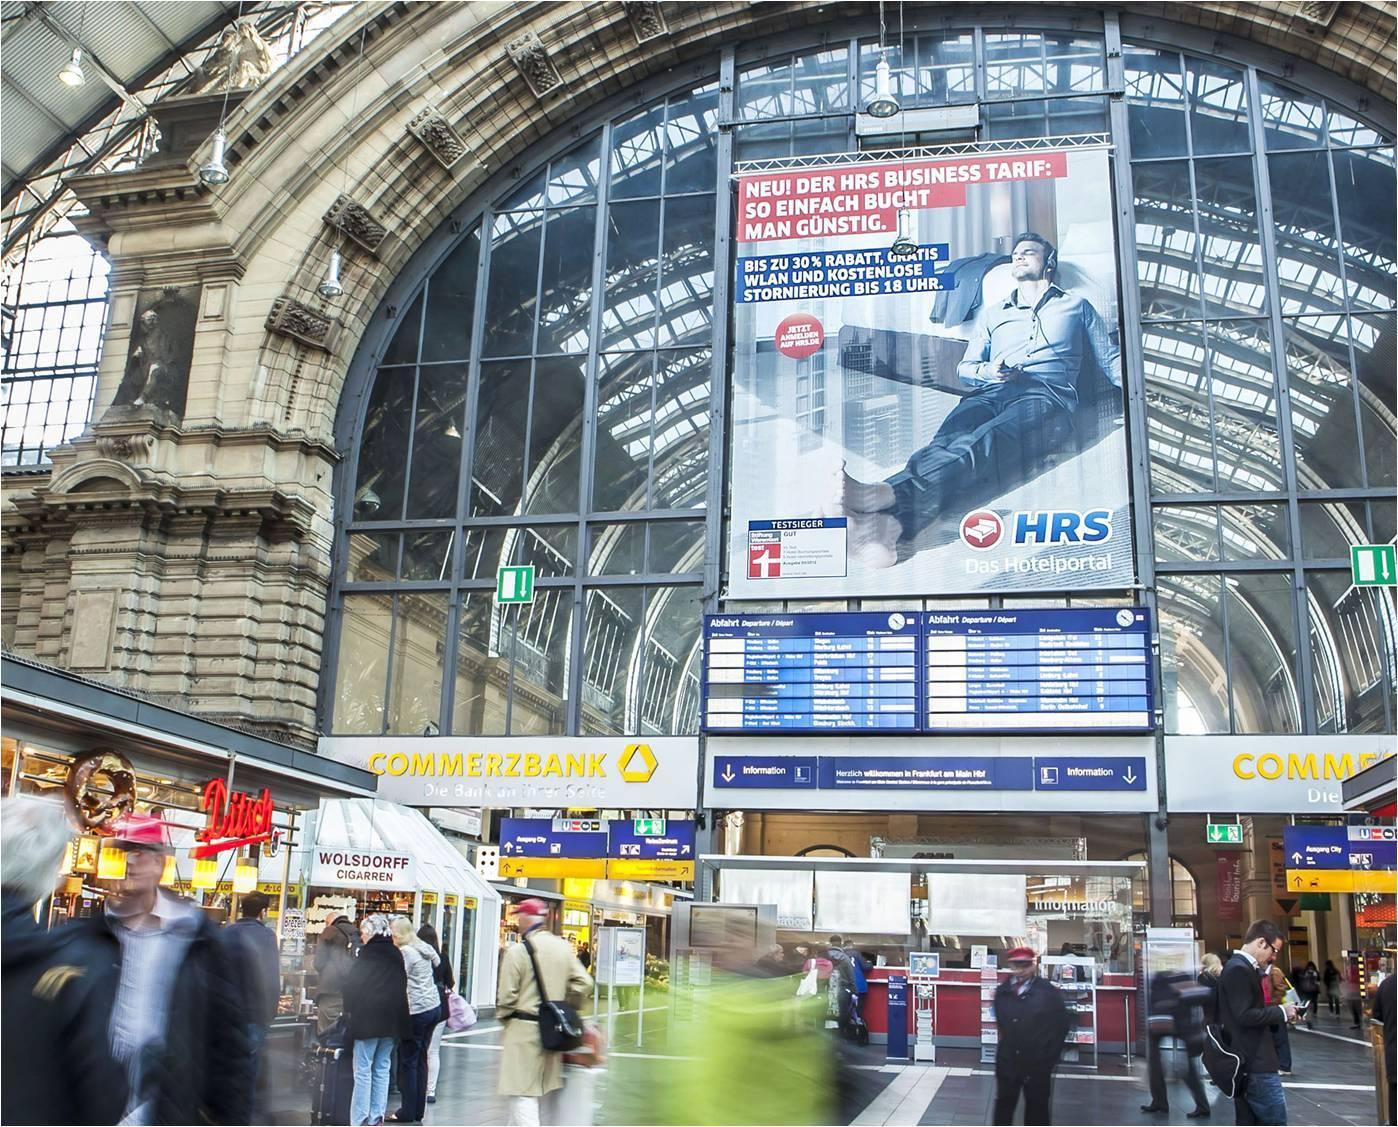 海外德国法兰克福中心火车站候车大厅广告